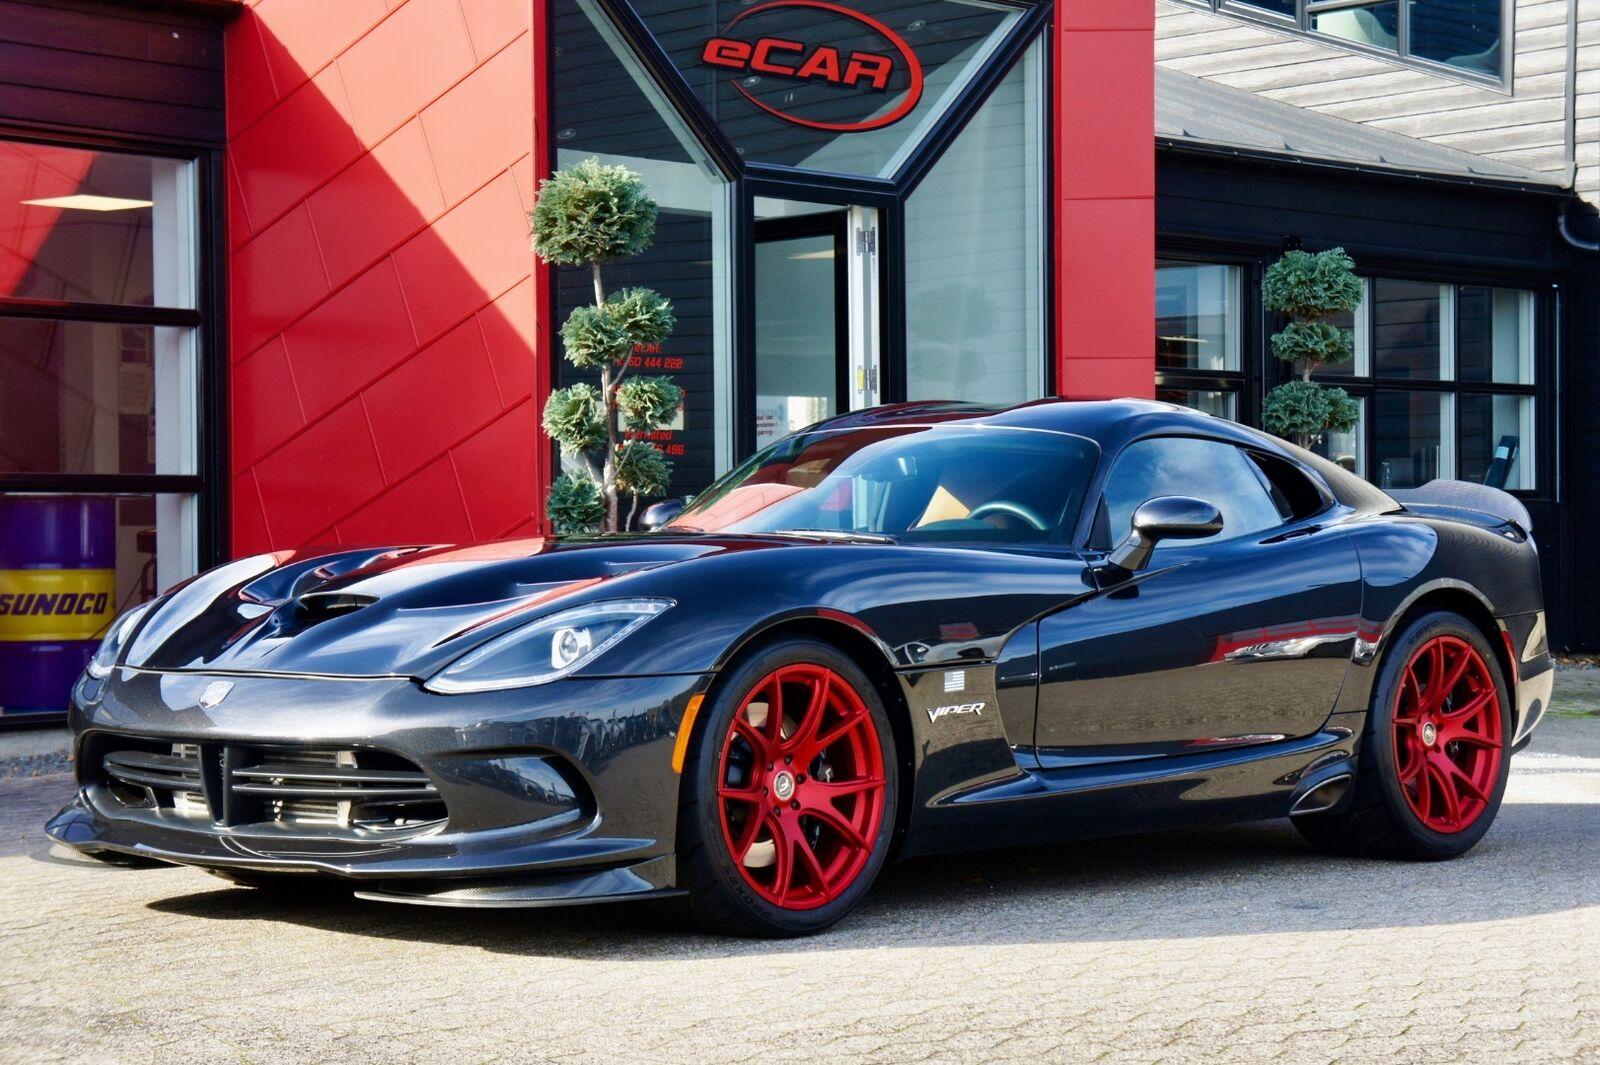 Dodge Viper 8,4 GTS 3d - 825.000 kr.